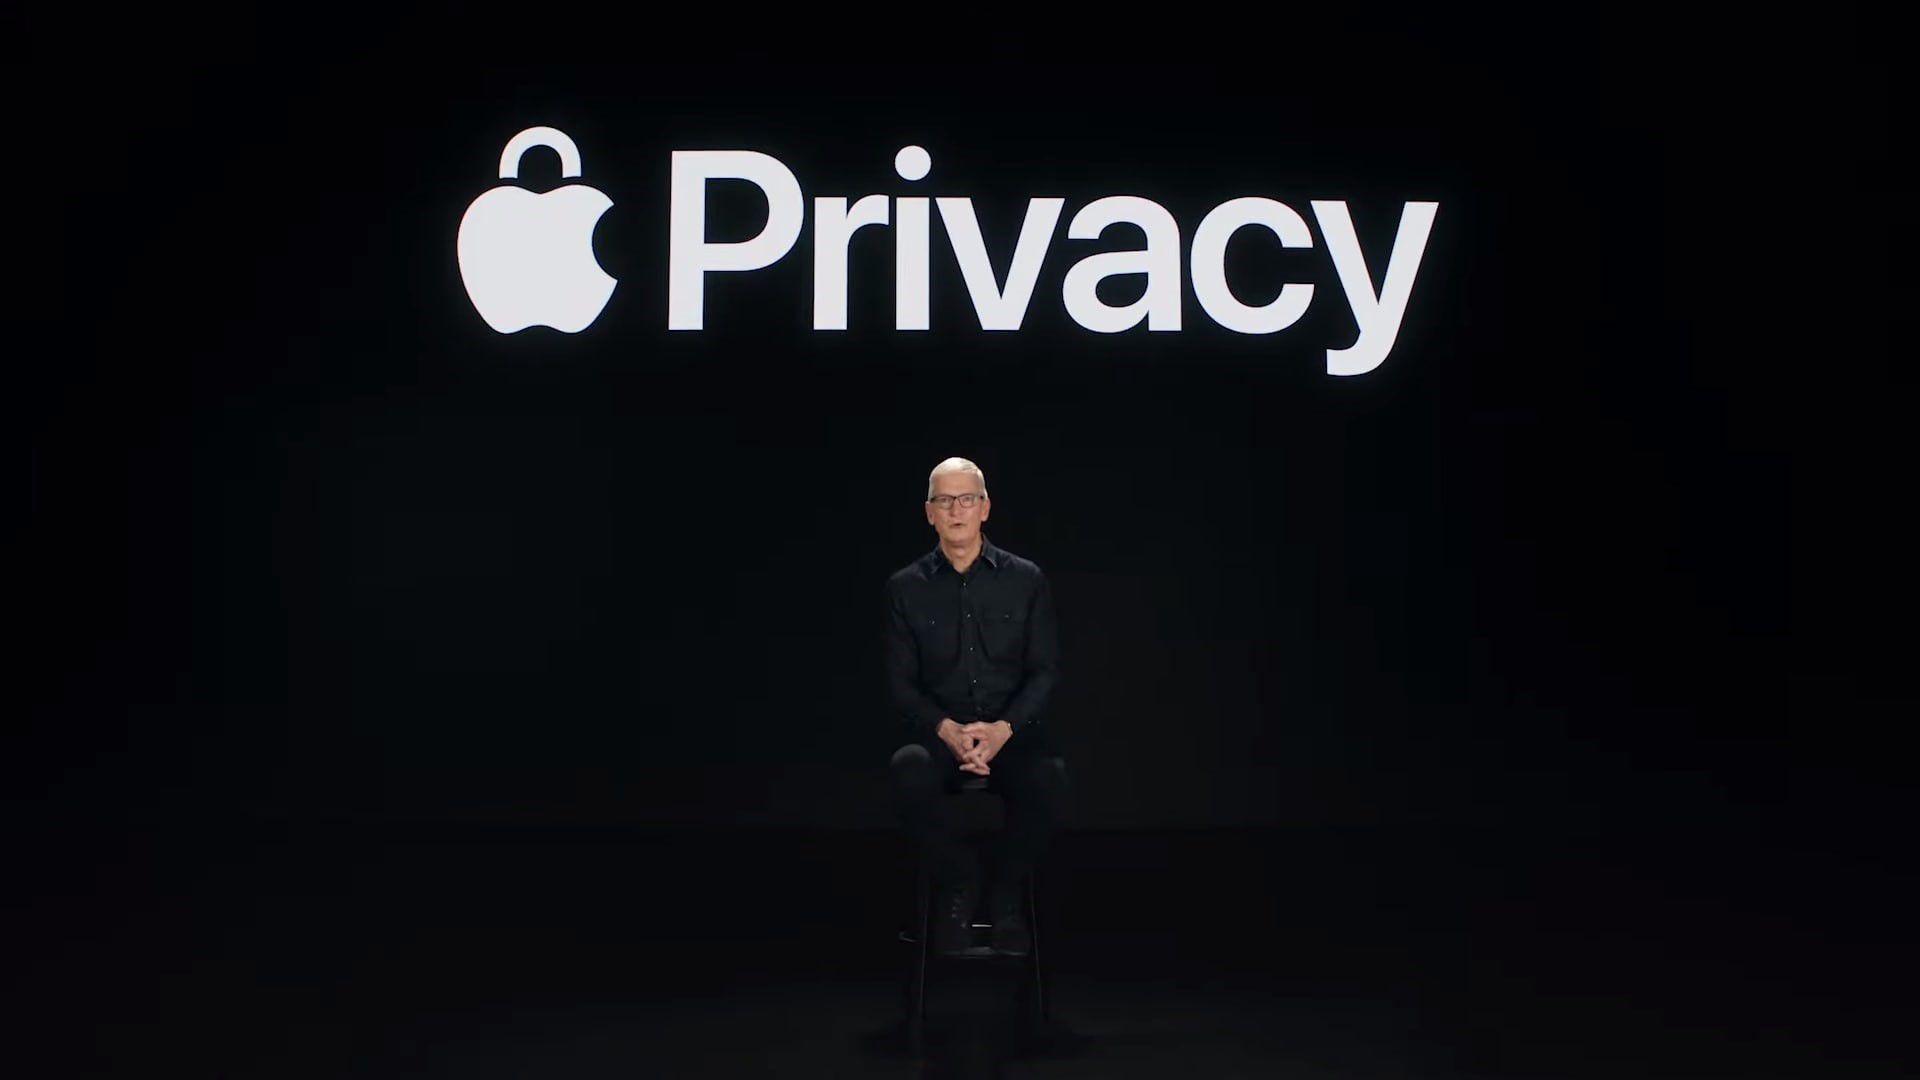 15-06-2021 El CEO de Apple, Tim Cook, habla sobre las herramientas de privacidad de iOS 15 y iPadOS 15 en el Steve Jobs Theater POLITICA APPLE